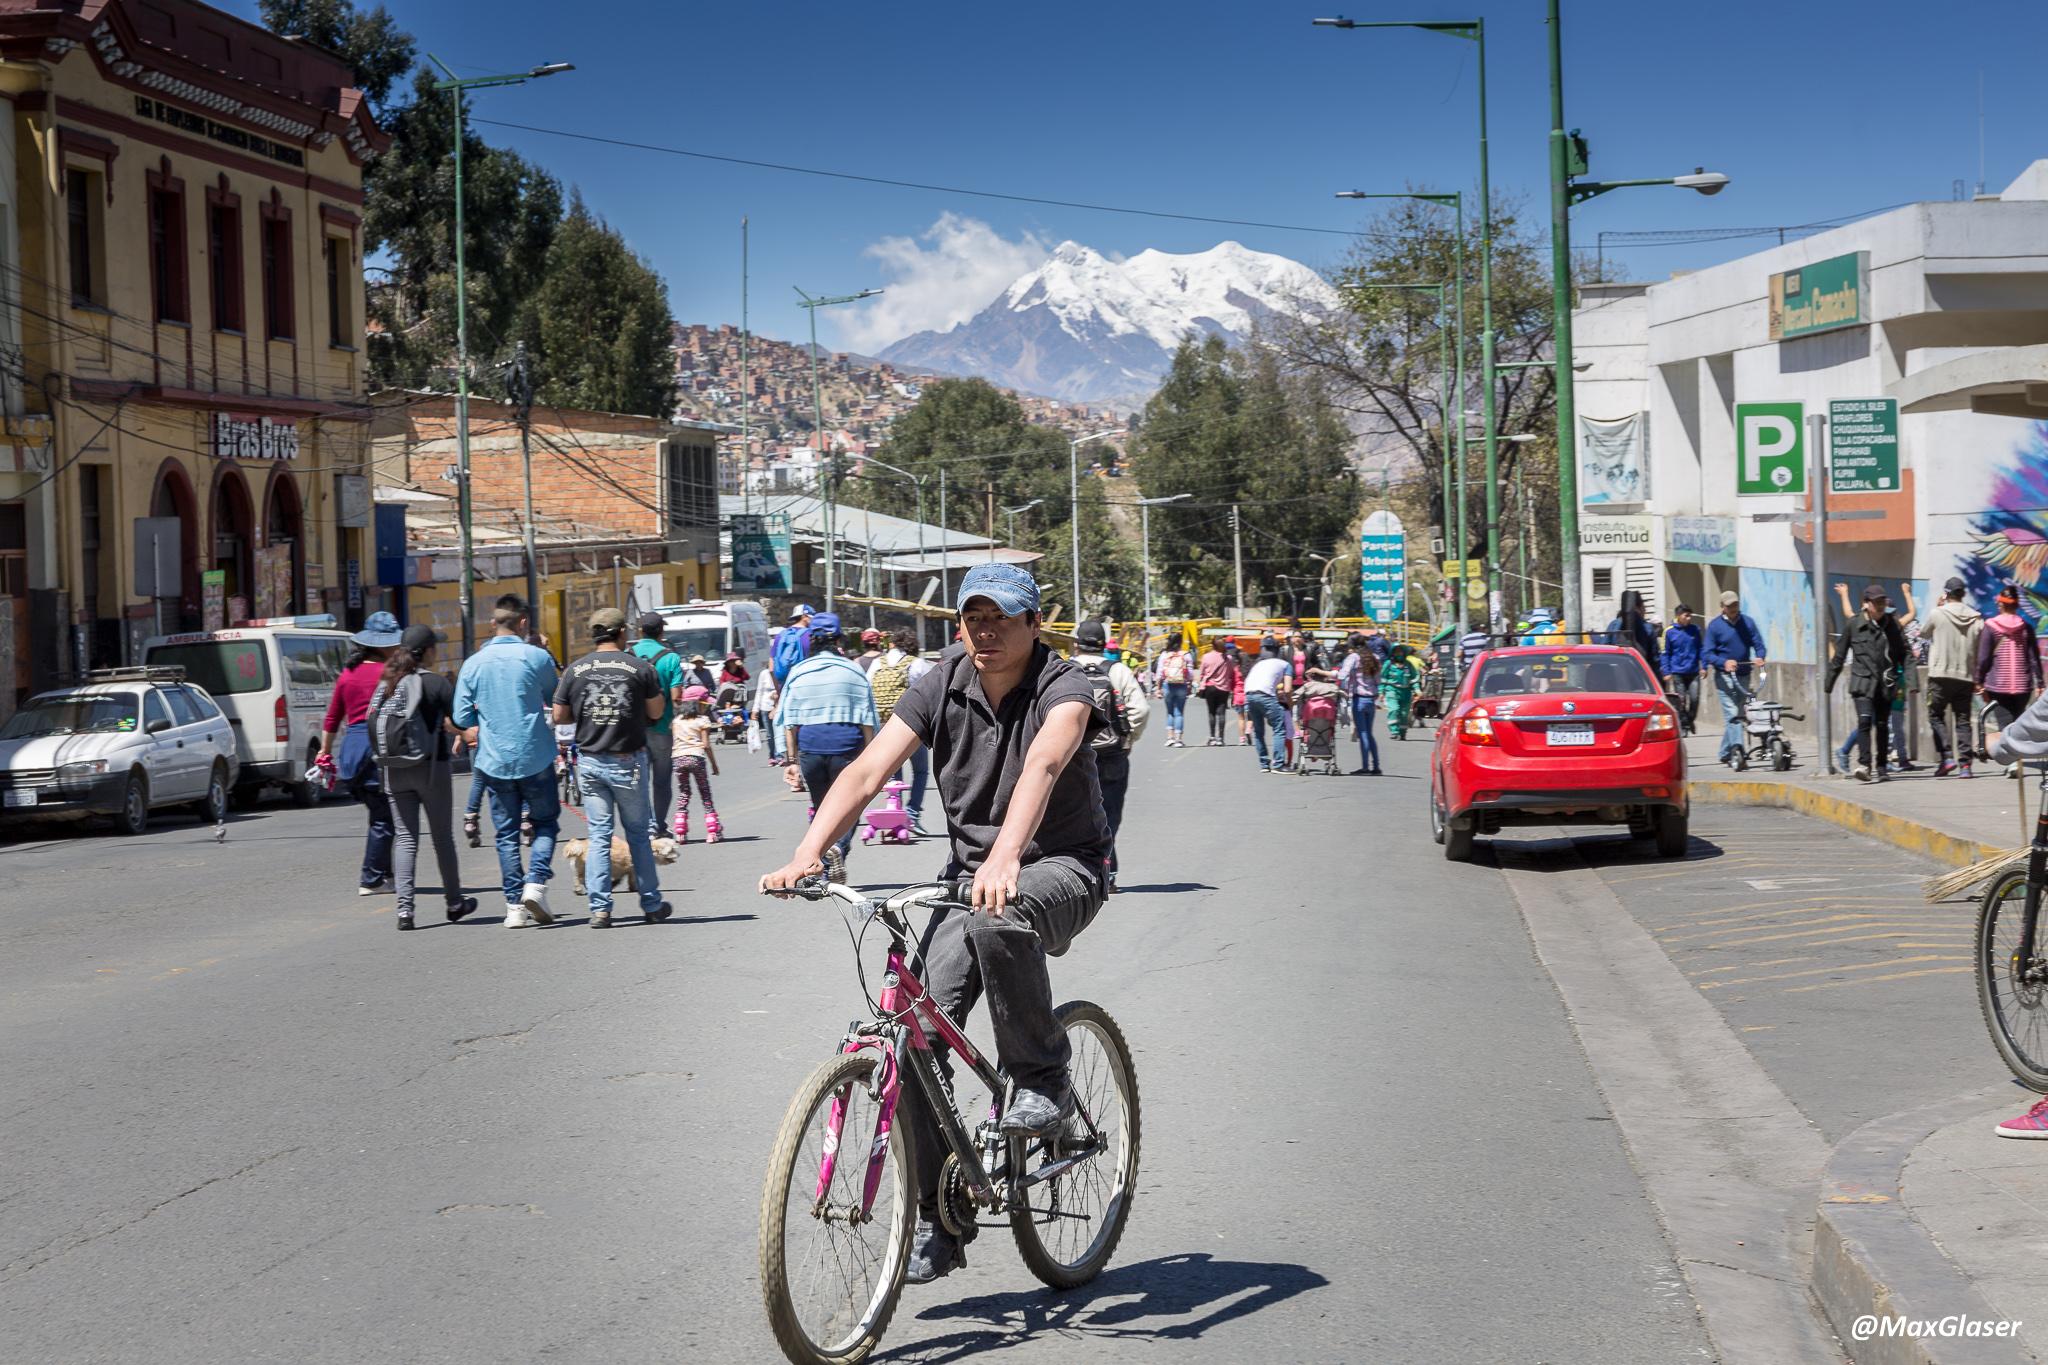 Día del Peatón - Bicicleta en la Avenida Camacho